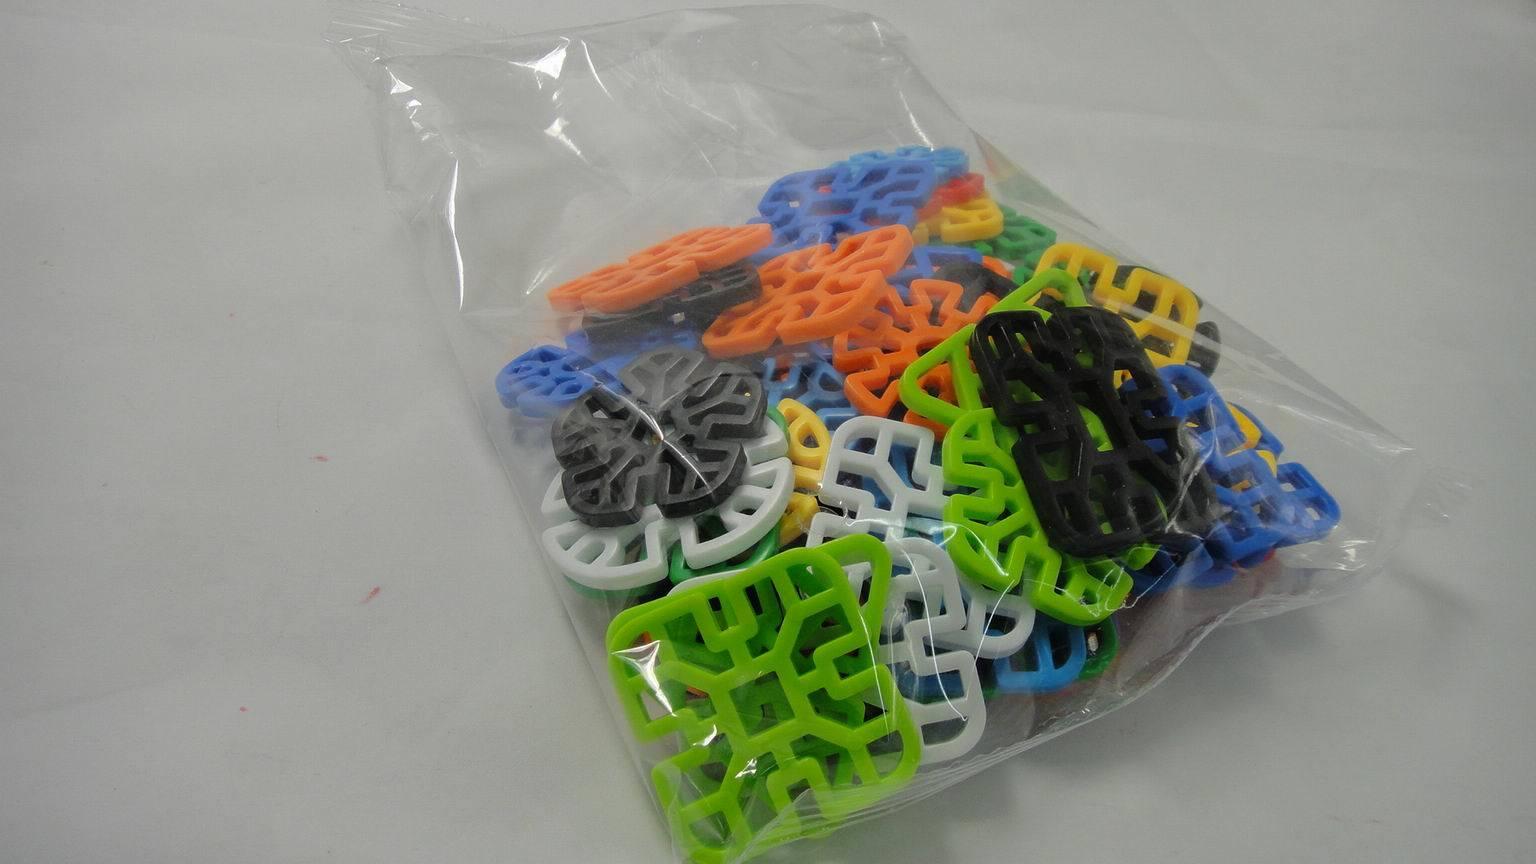 Geometry Snowflake Building Blocks Kids Toy